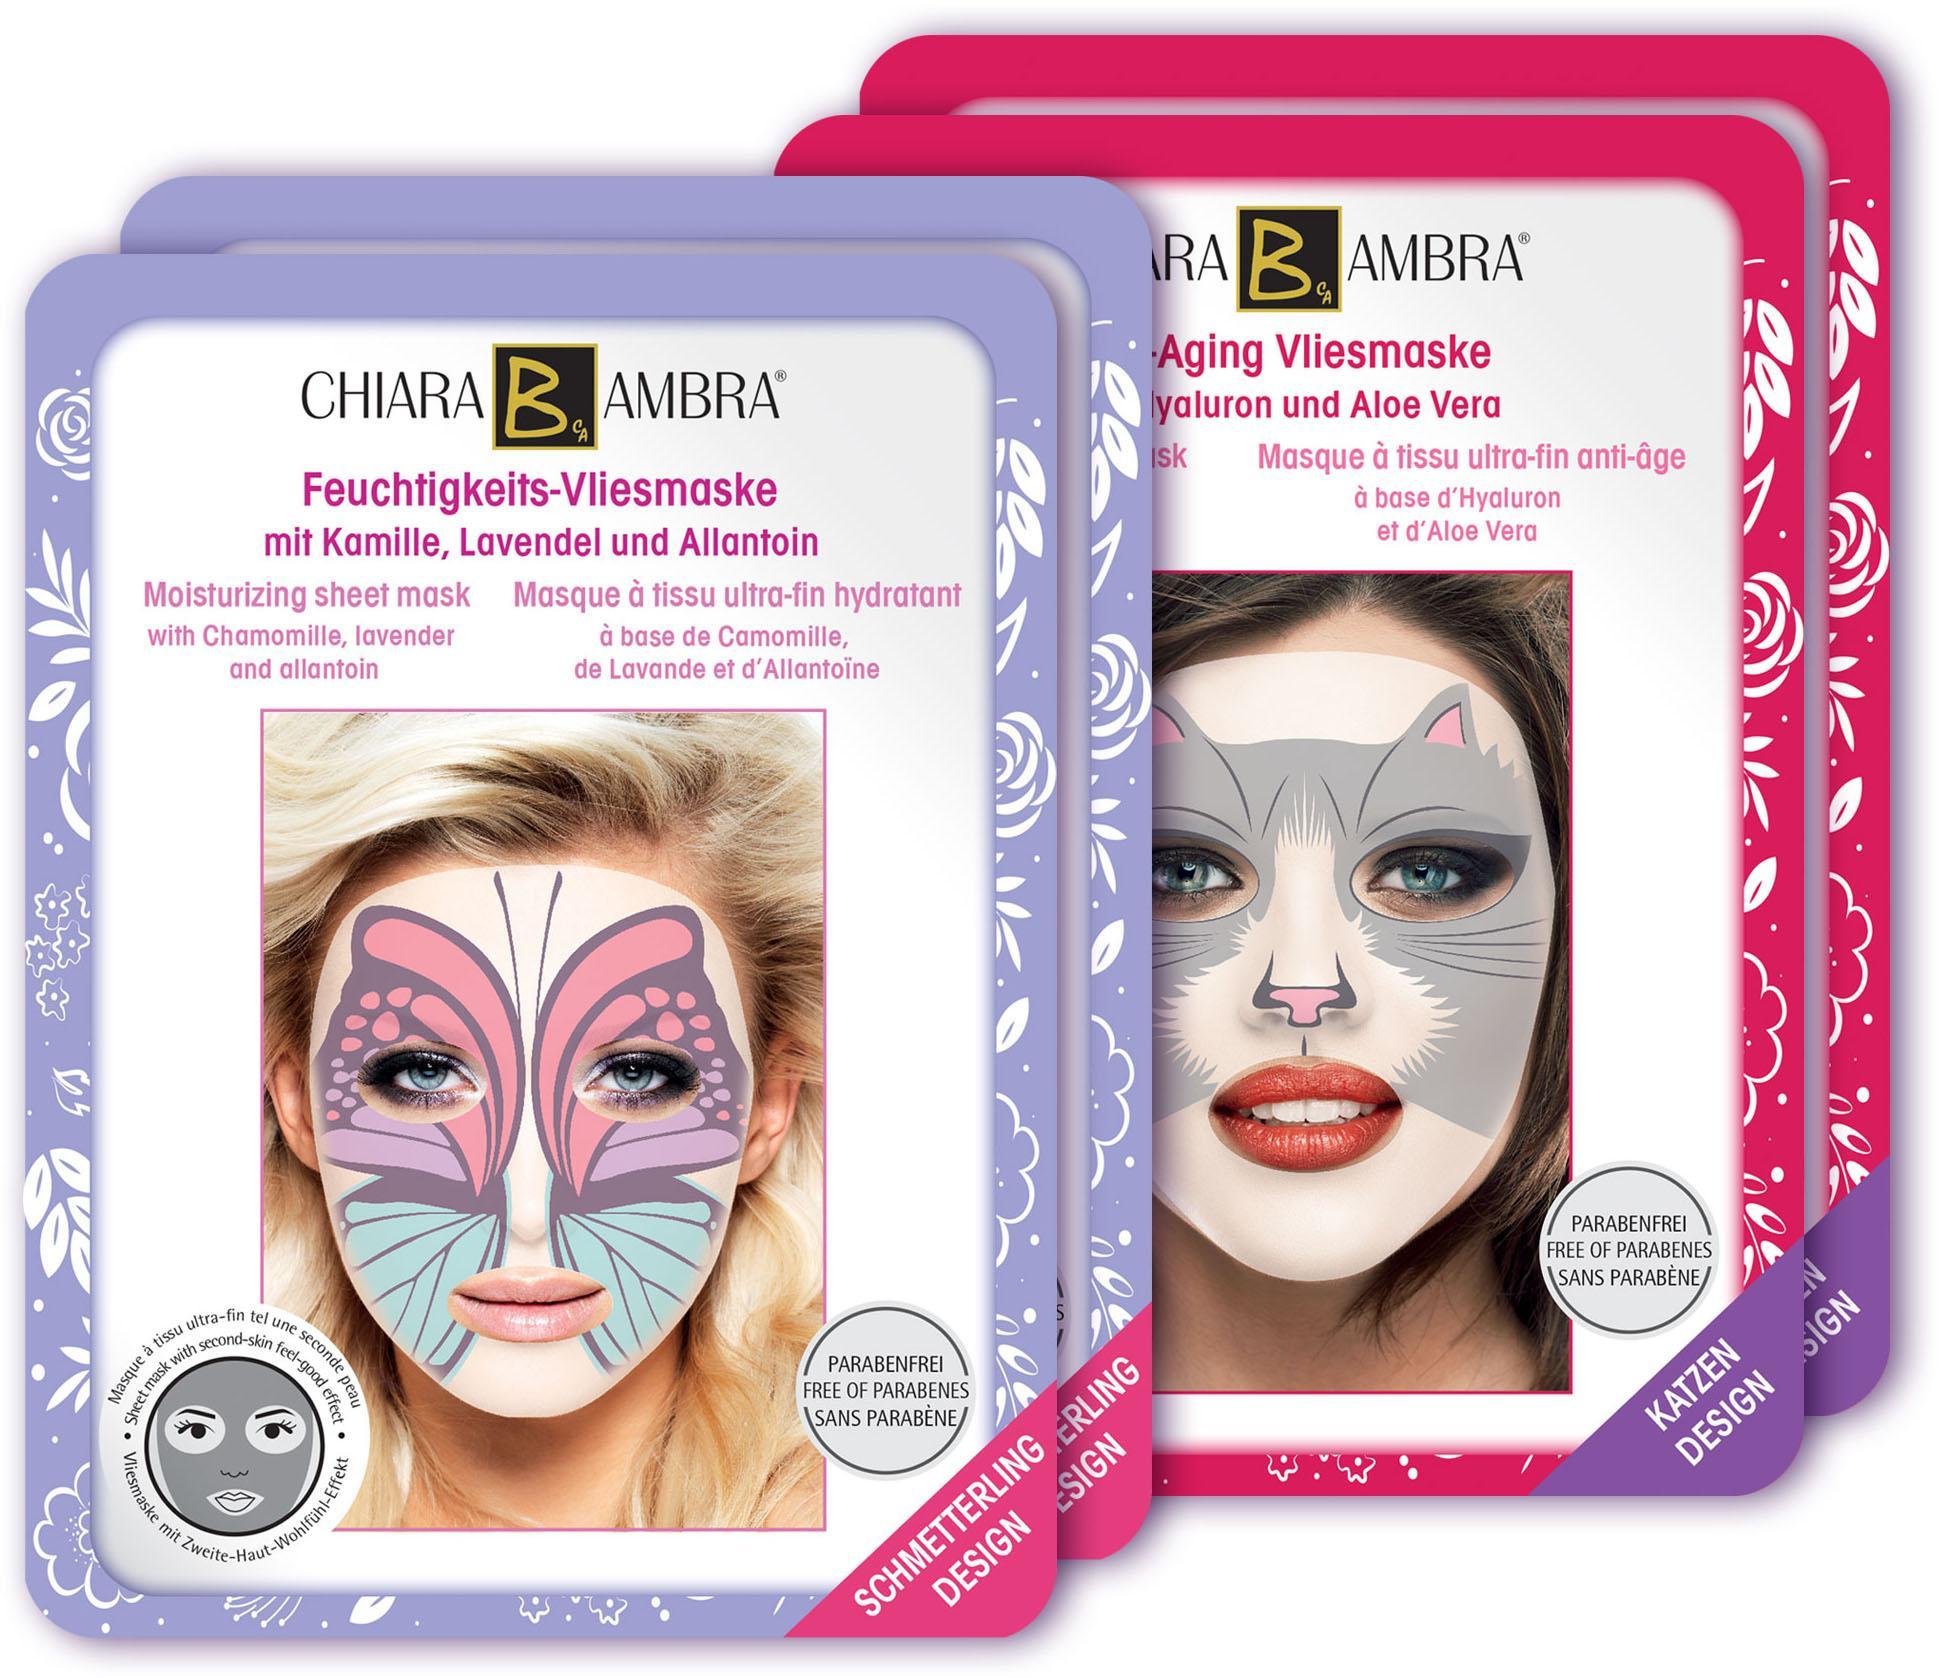 Chiara Ambra,  Vliesmasken mit Tierdesign , Gesichtspflege-Set (4-tlg.) Preisvergleich